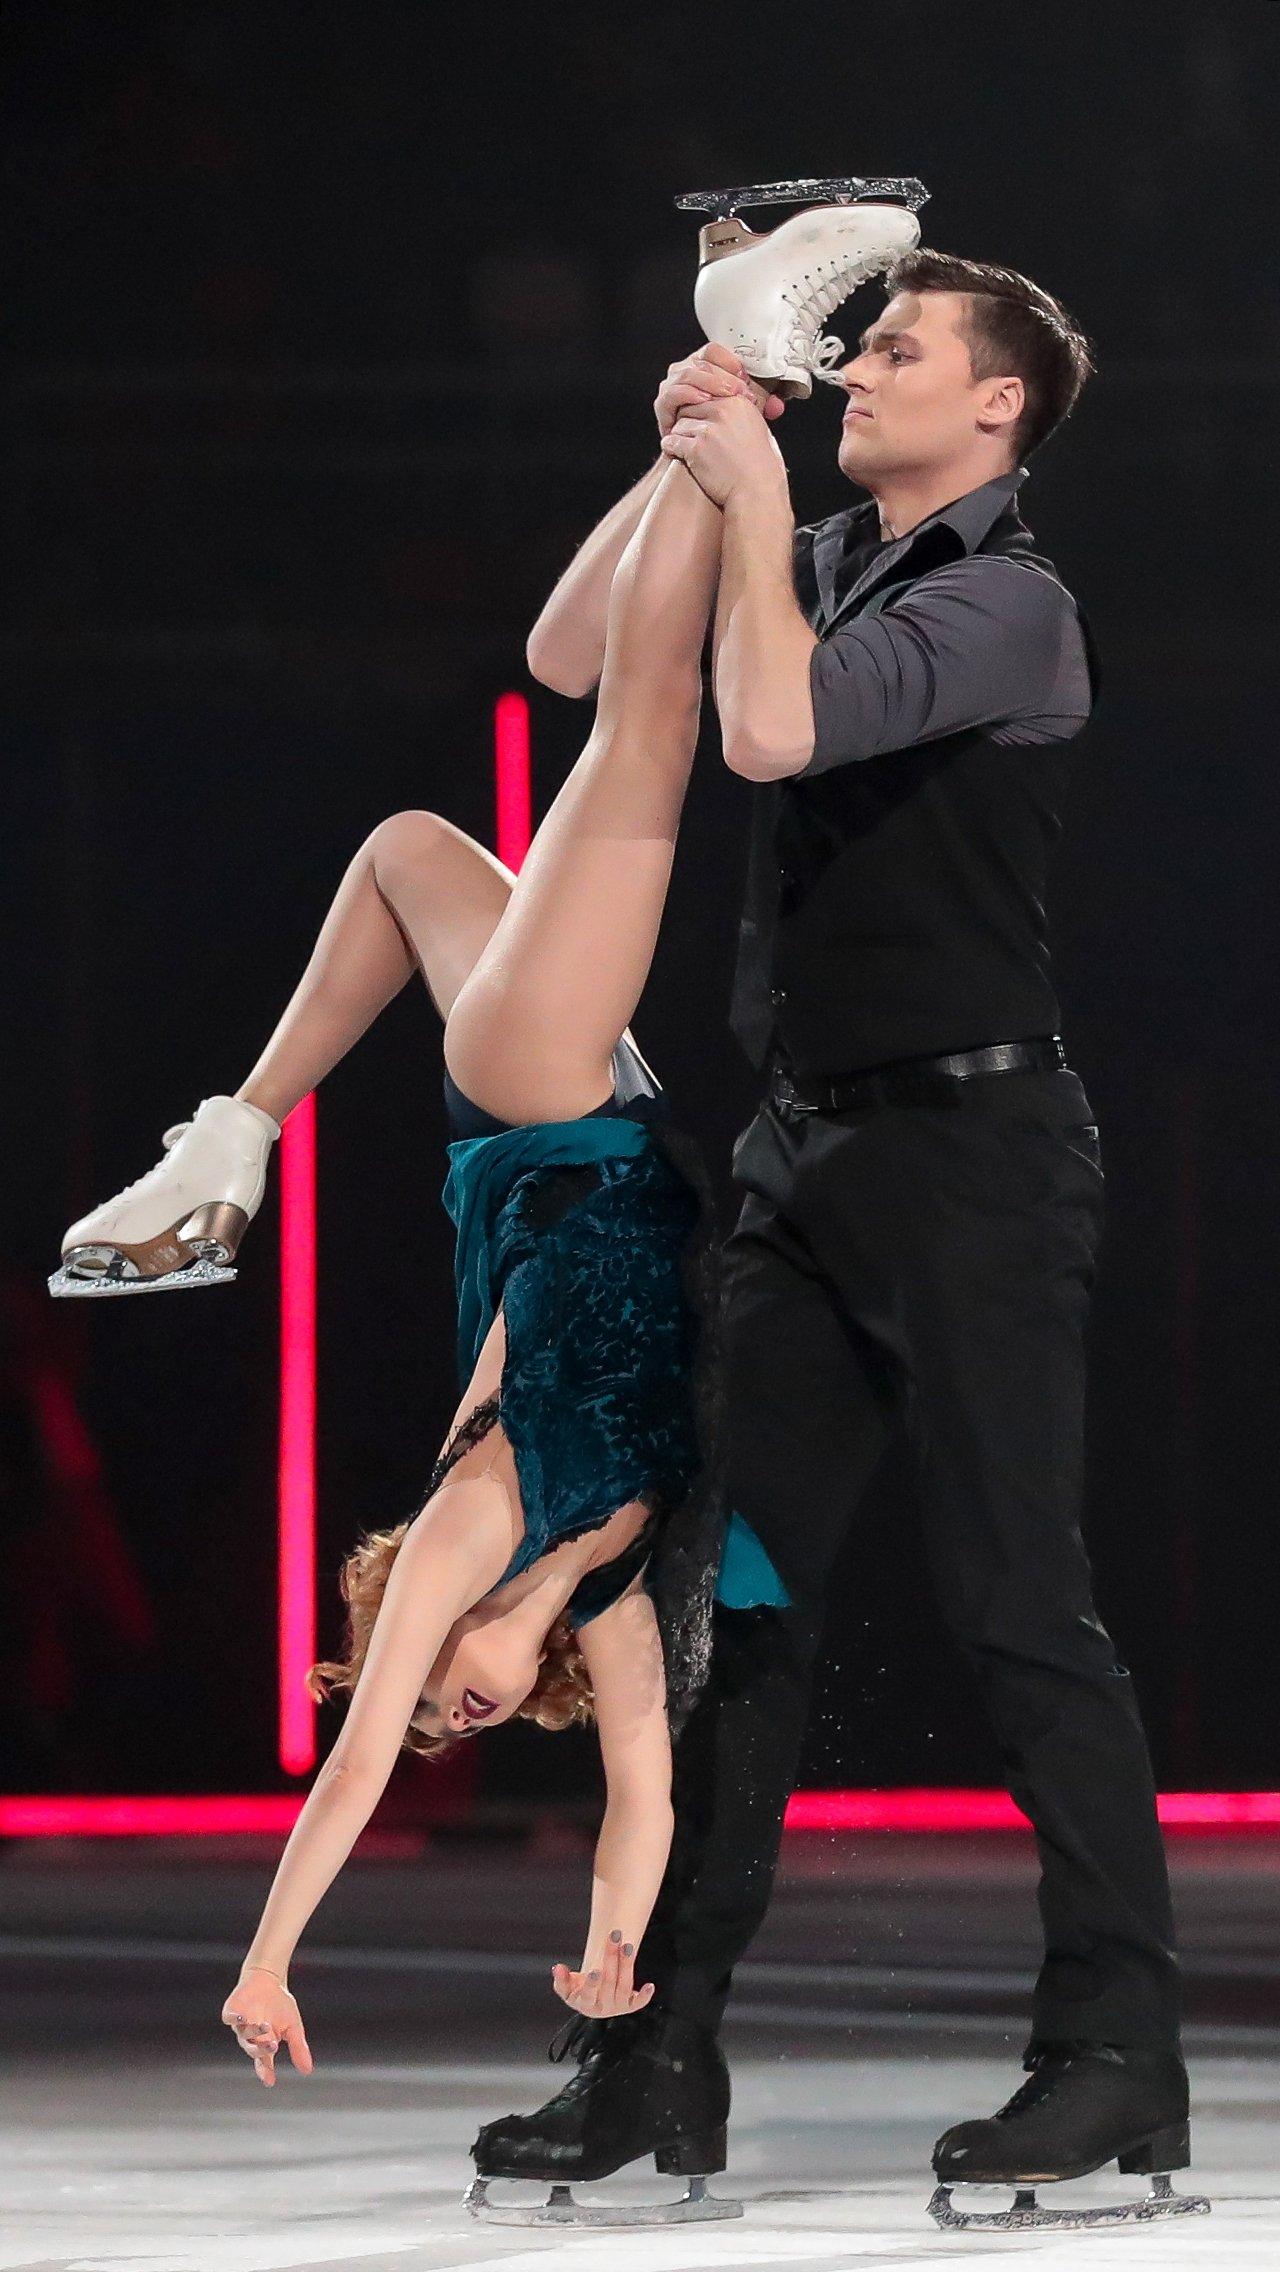 Популярность фигуристу принесло участие в «Ледниковом периоде» в паре с актрисой Ольгой Кузьминой.